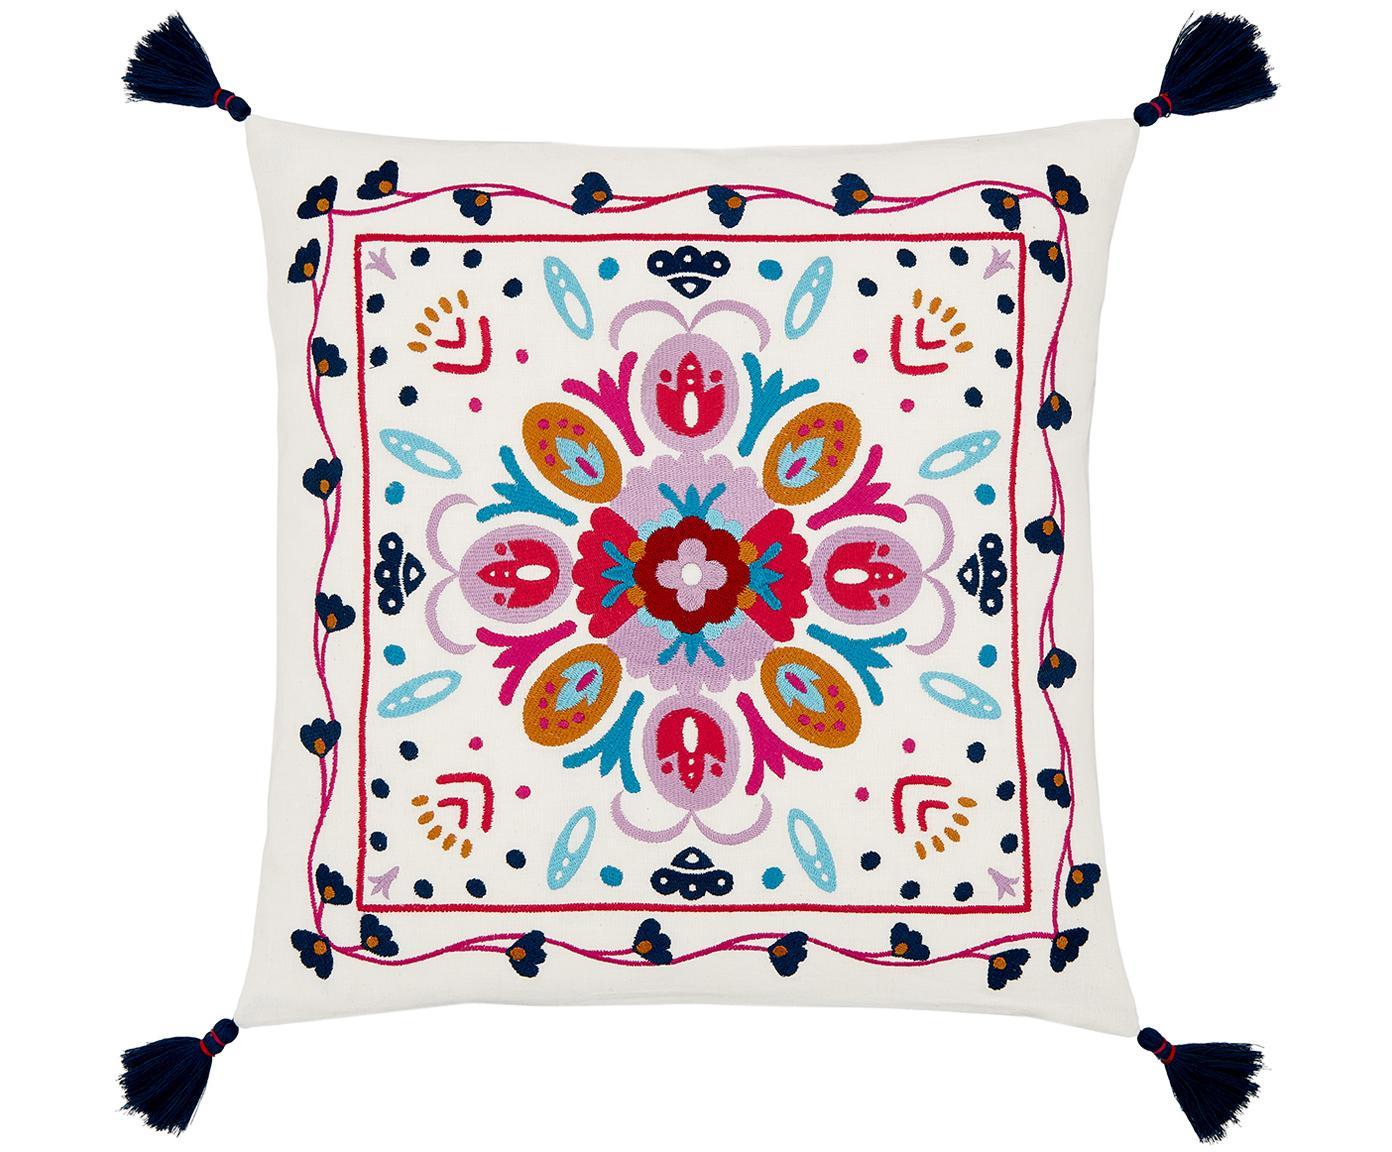 Kleurrijk geborduurde kussenhoes Flower Power, Katoen, Crèmewit, multicolour, 45 x 45 cm